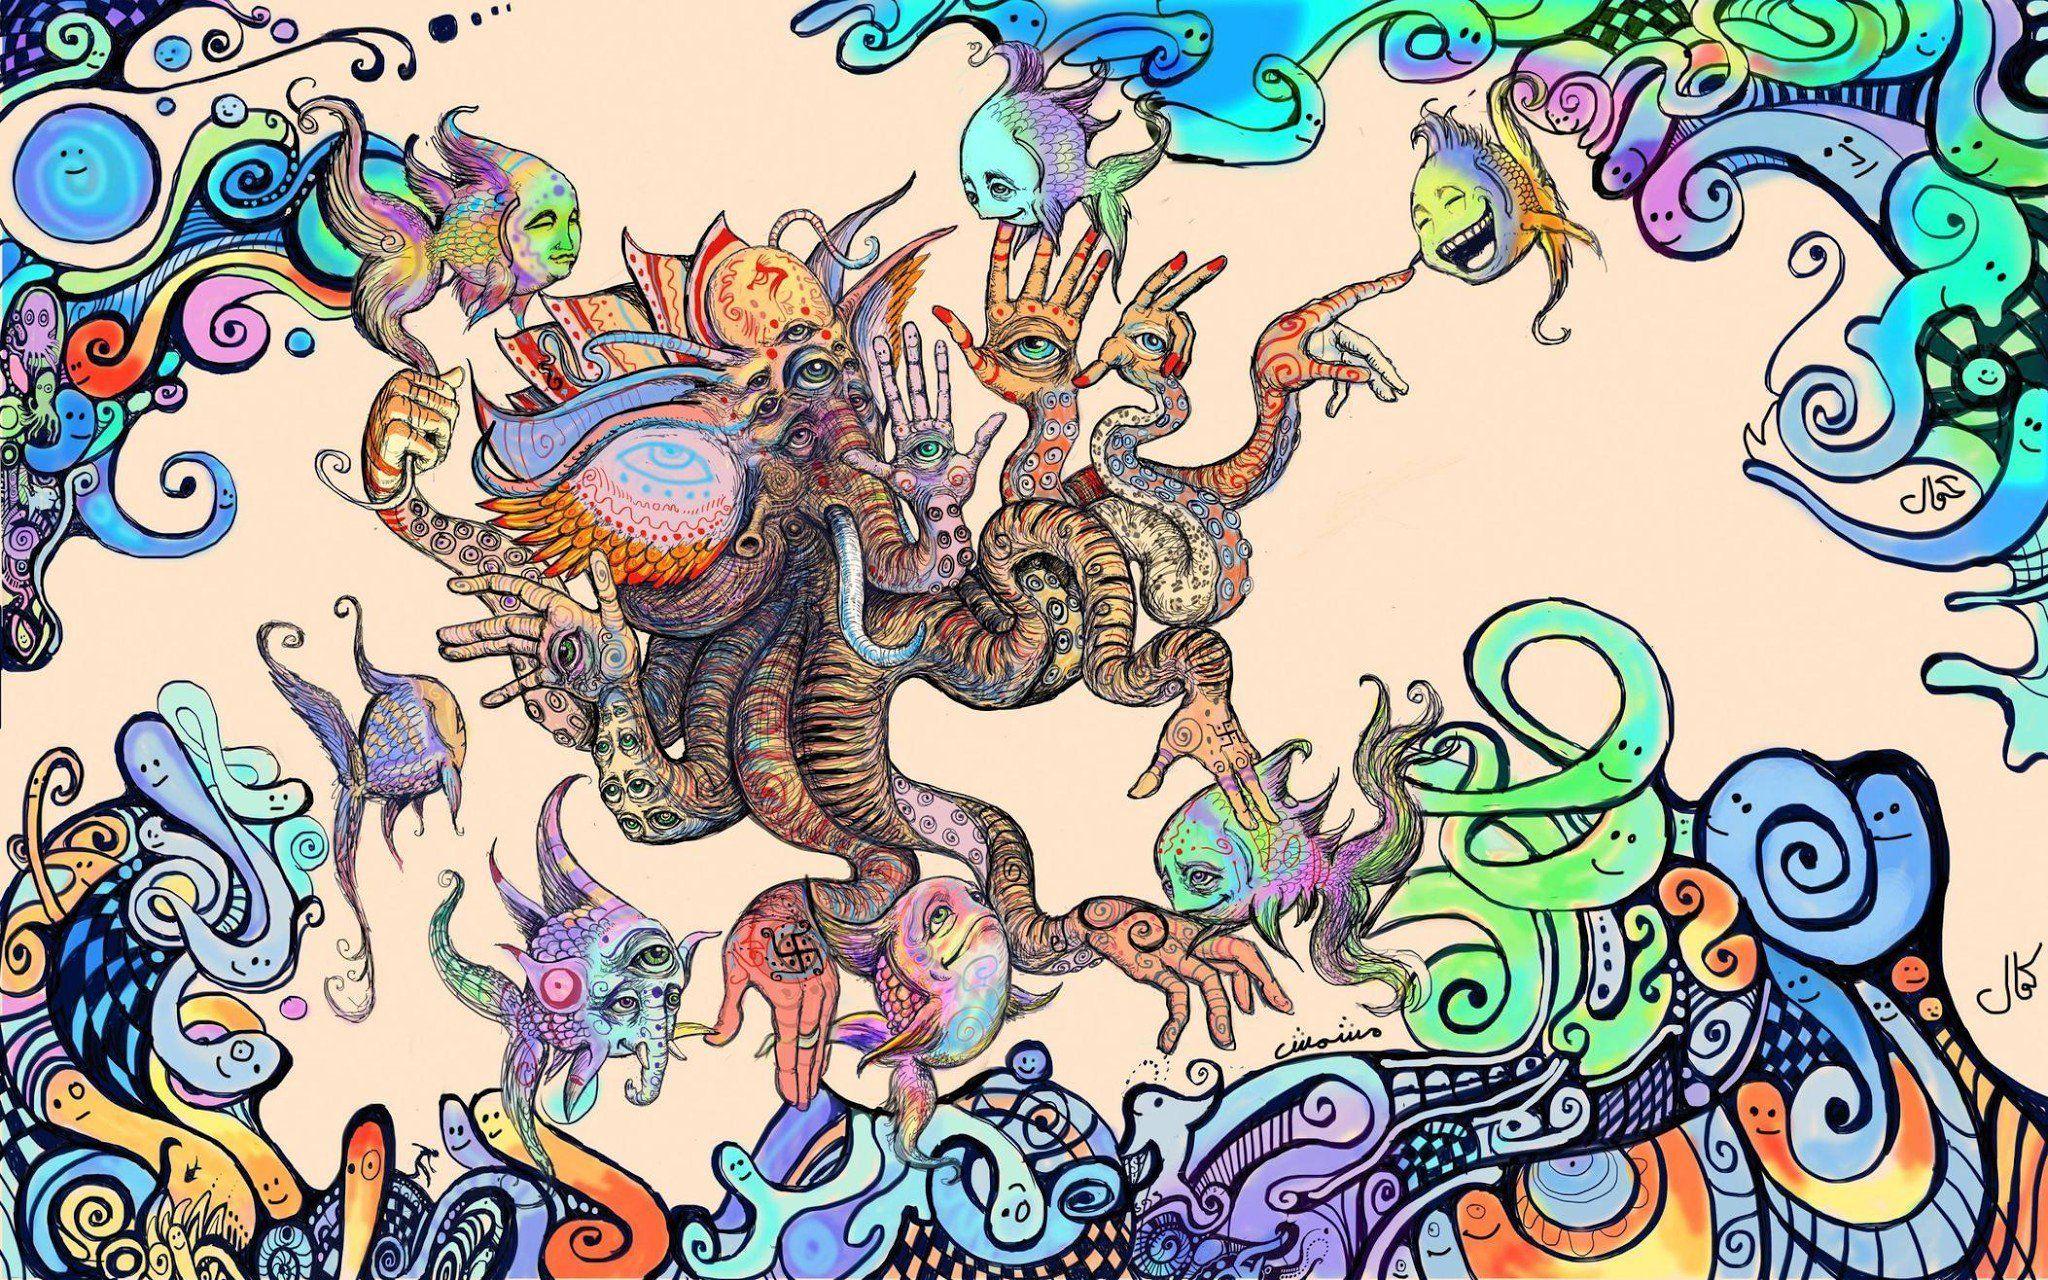 Fondos hd colores buscar con google psicodelico for Fondos de pantalla full hd colores